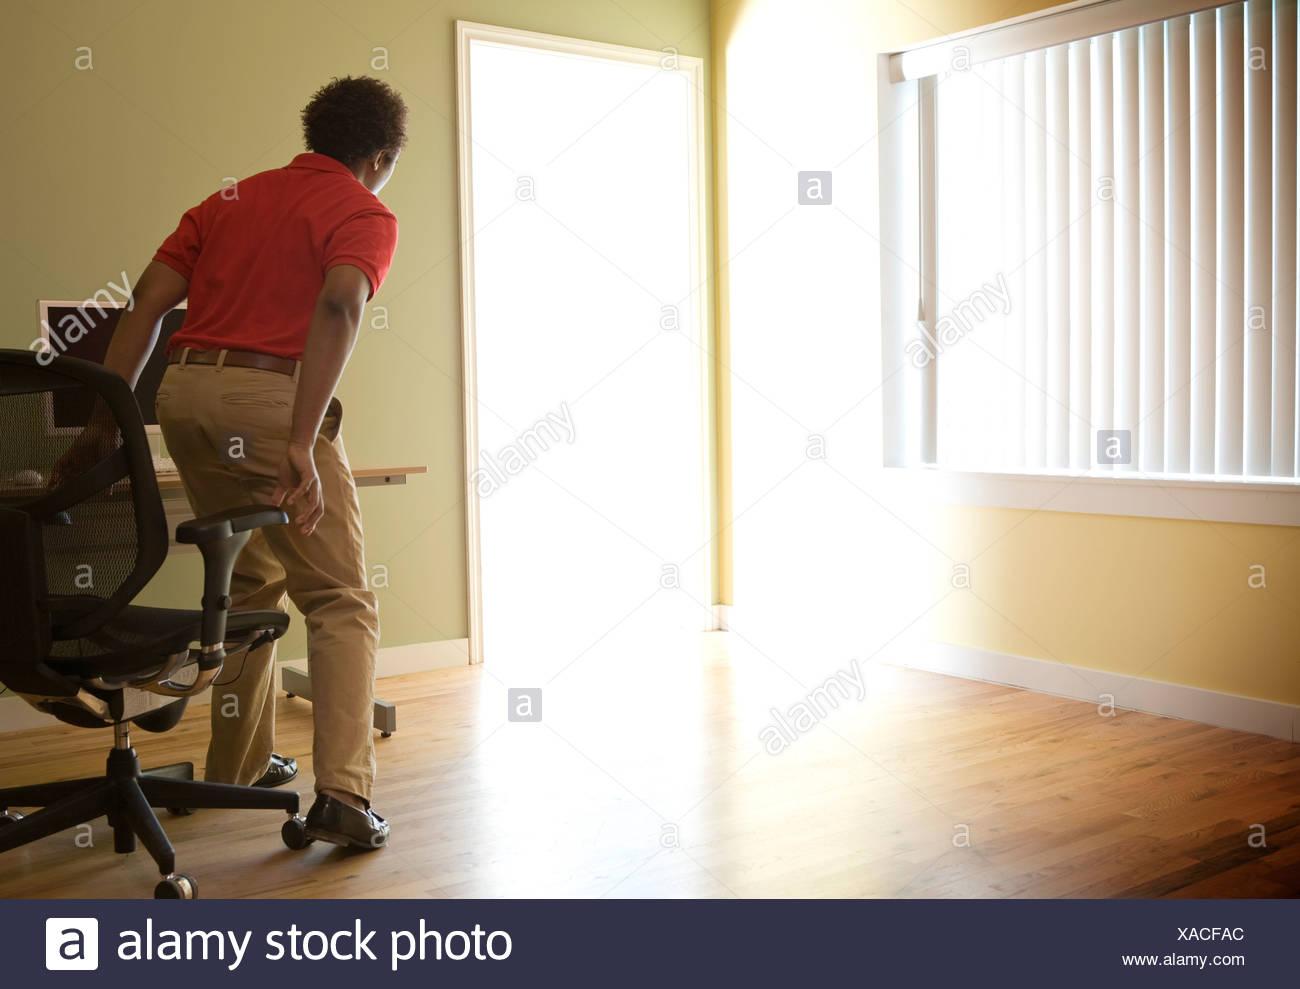 Männlicher Büroangestellter aufstehen vom Stuhl zu untersuchen, leichte Überschwemmungen durch Tür Stockbild